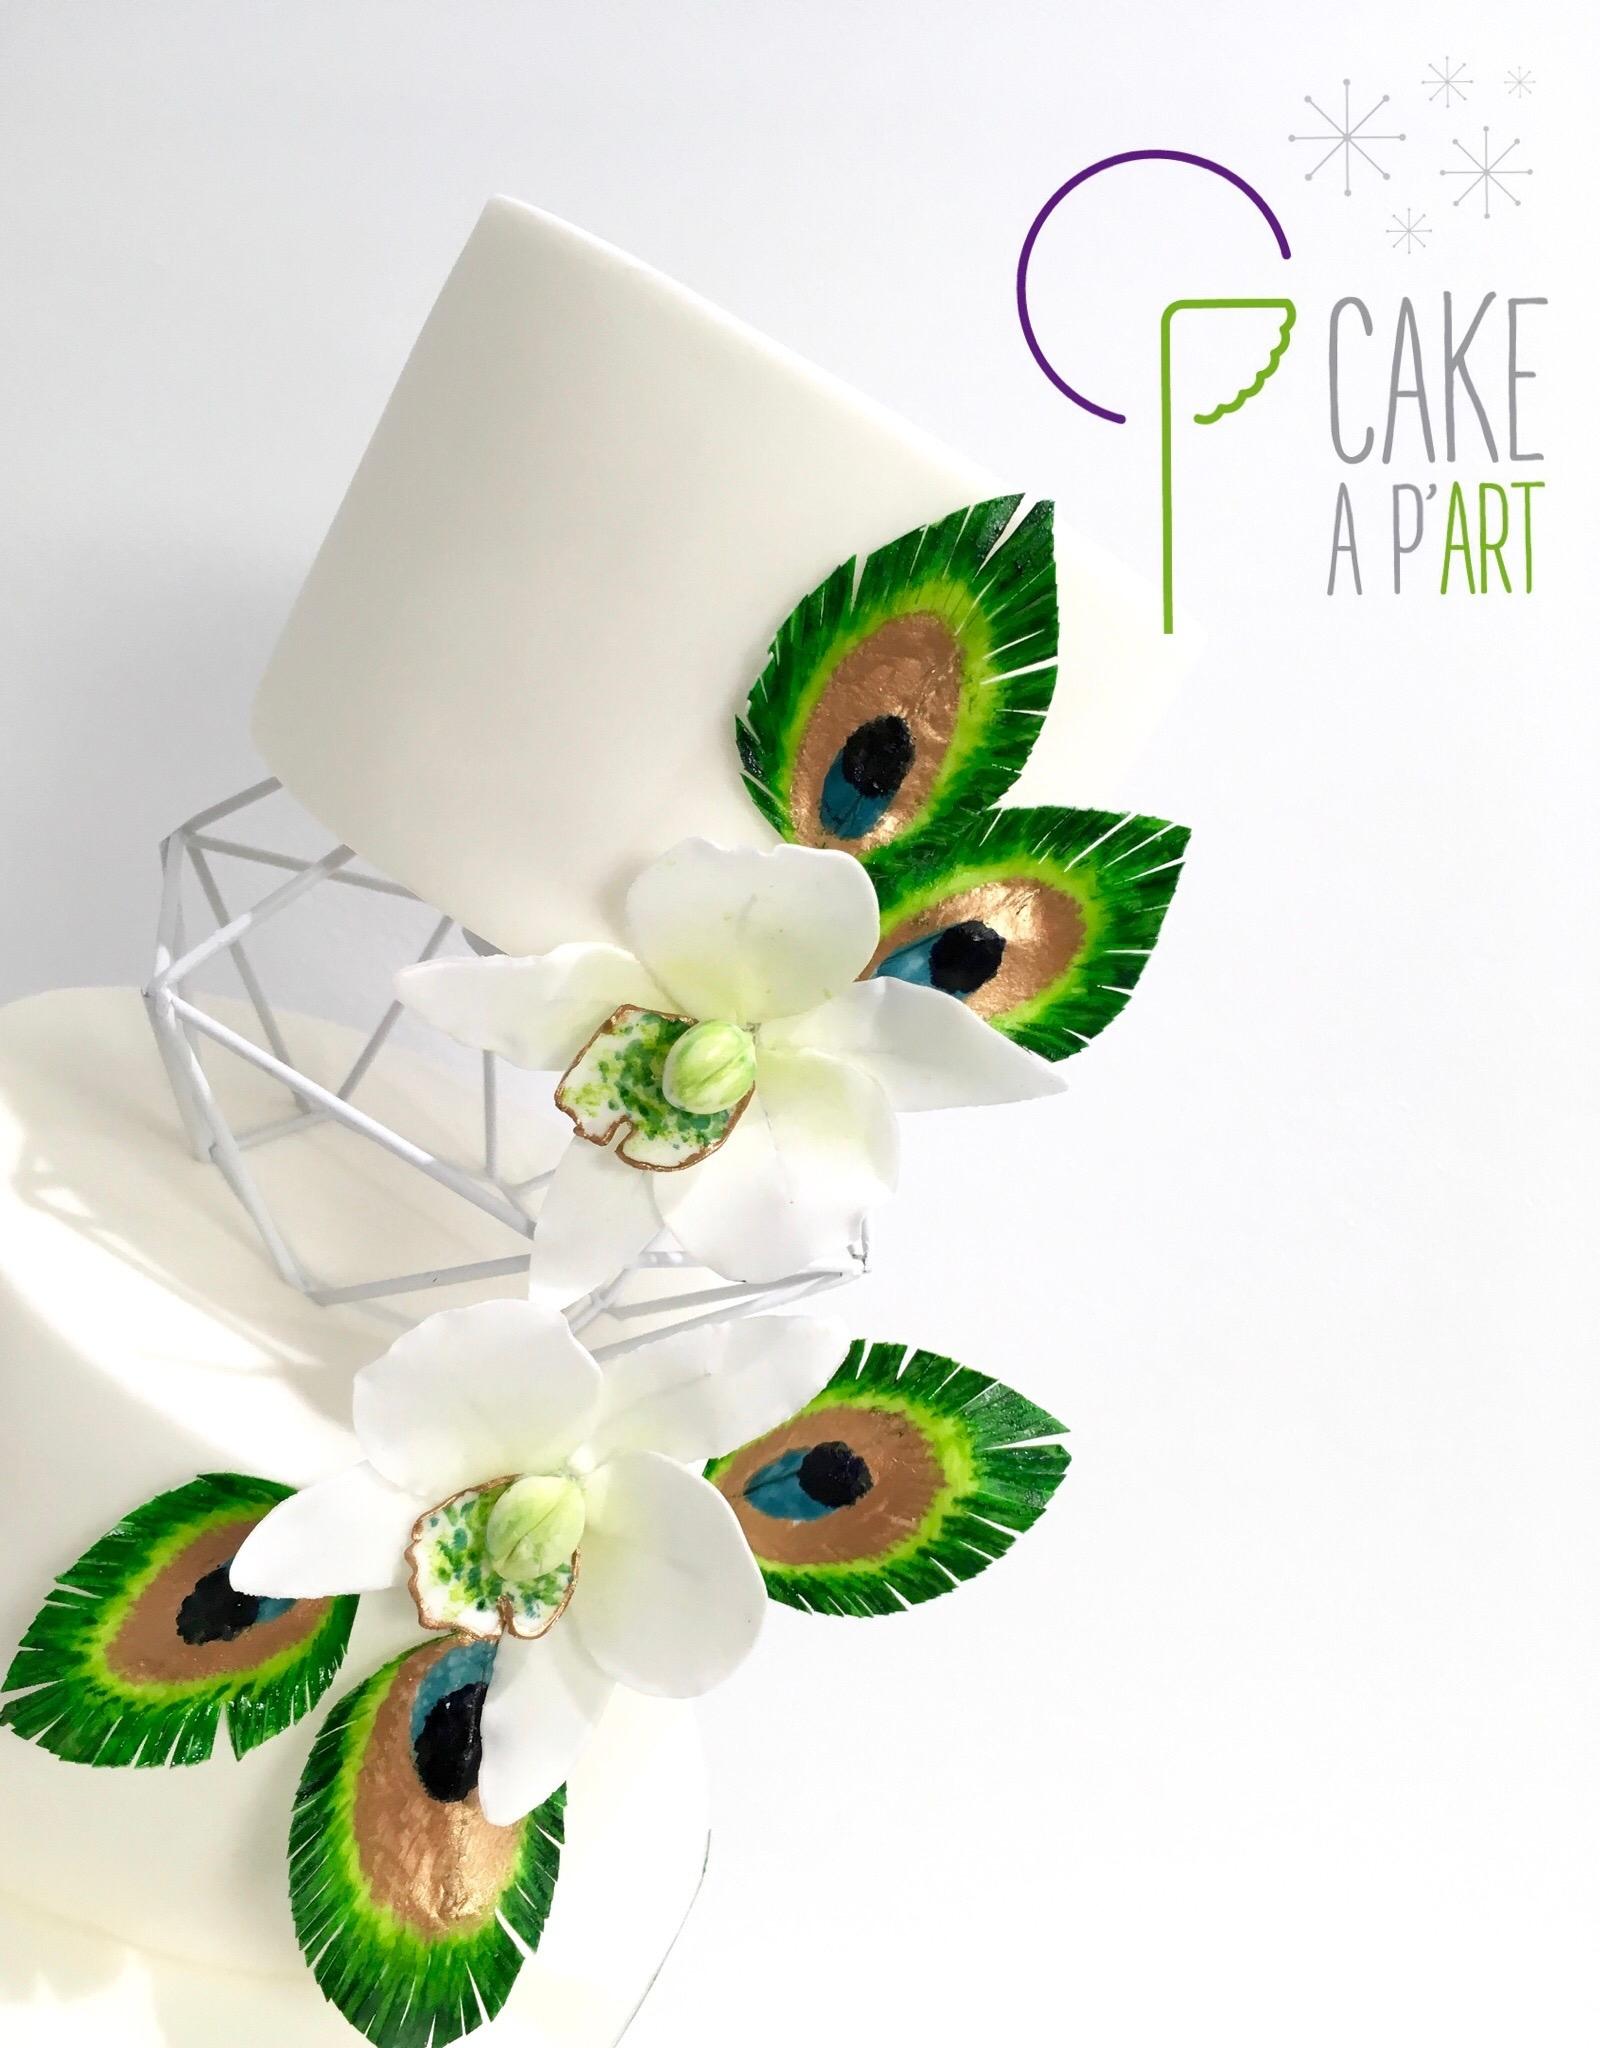 Décor en sucre gâteaux personnalisés - Mariage Orchidées et plumes de paon